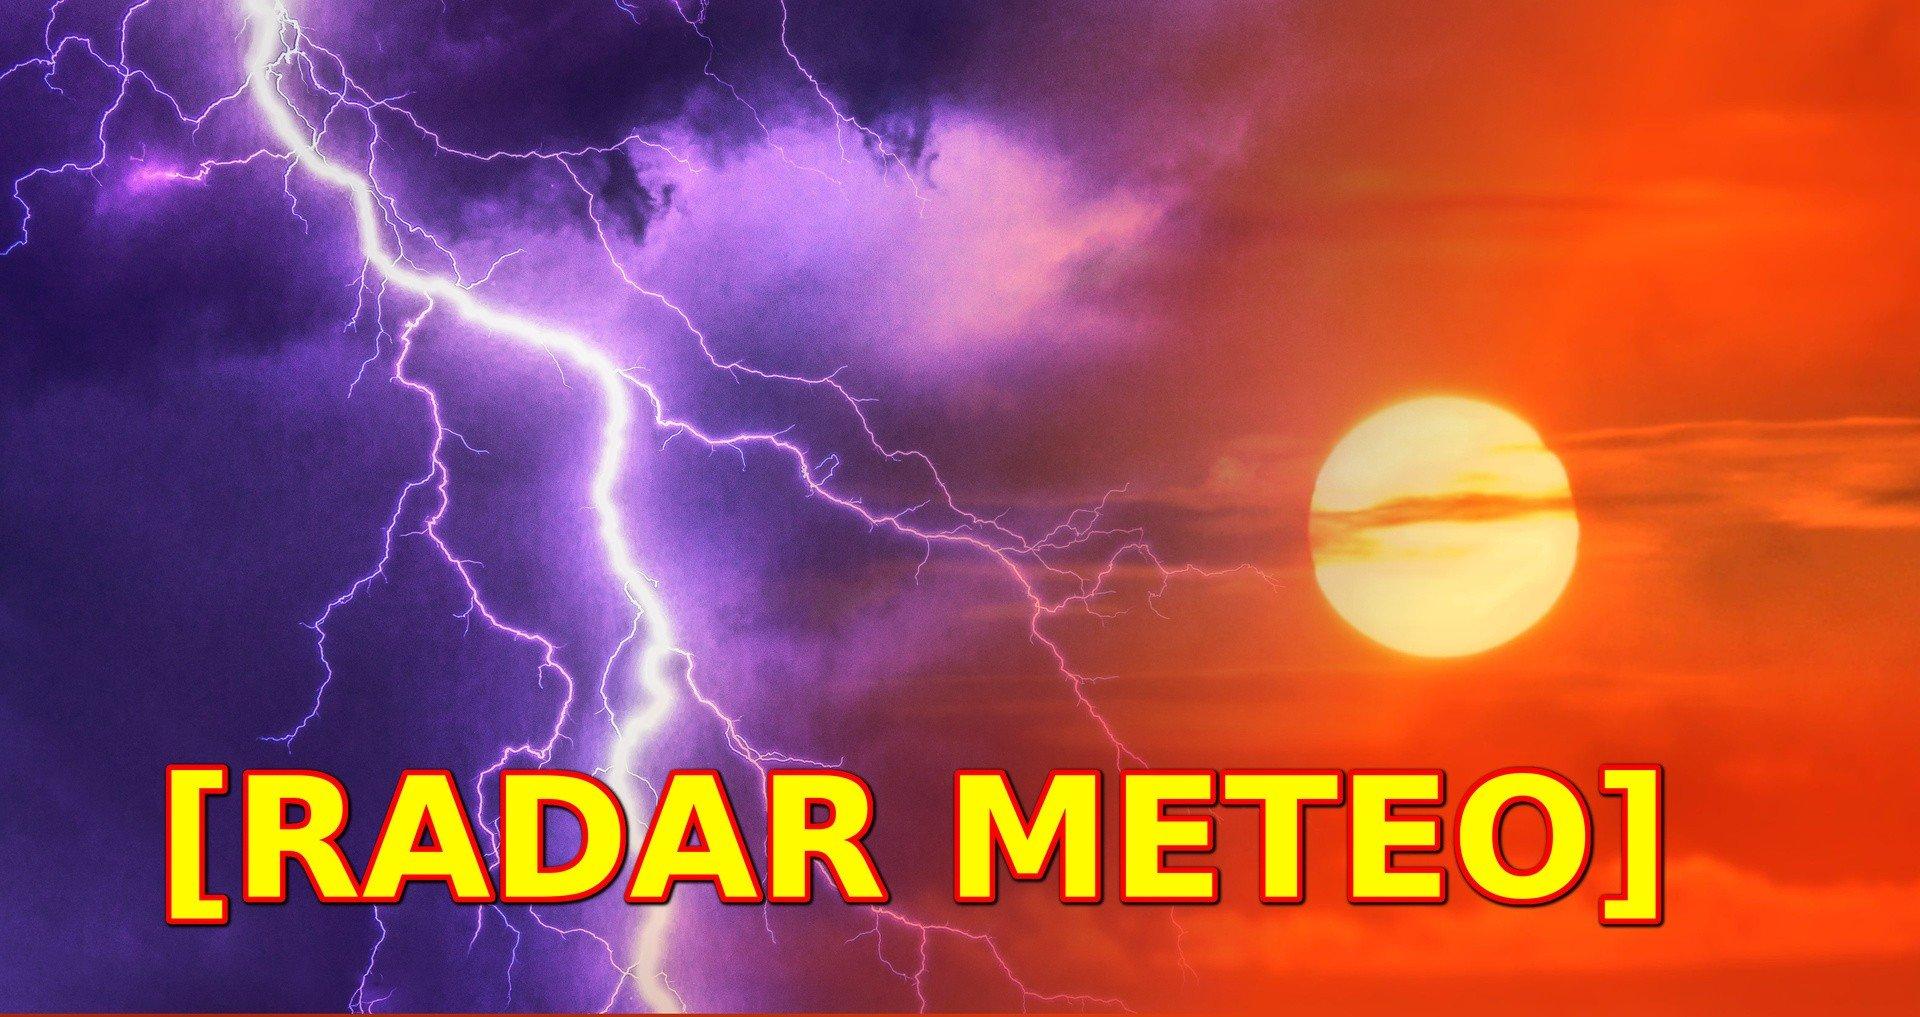 Nowe Ostrzezenia Imgw Silny Deszcz I Burze Piatek 9 08 2019